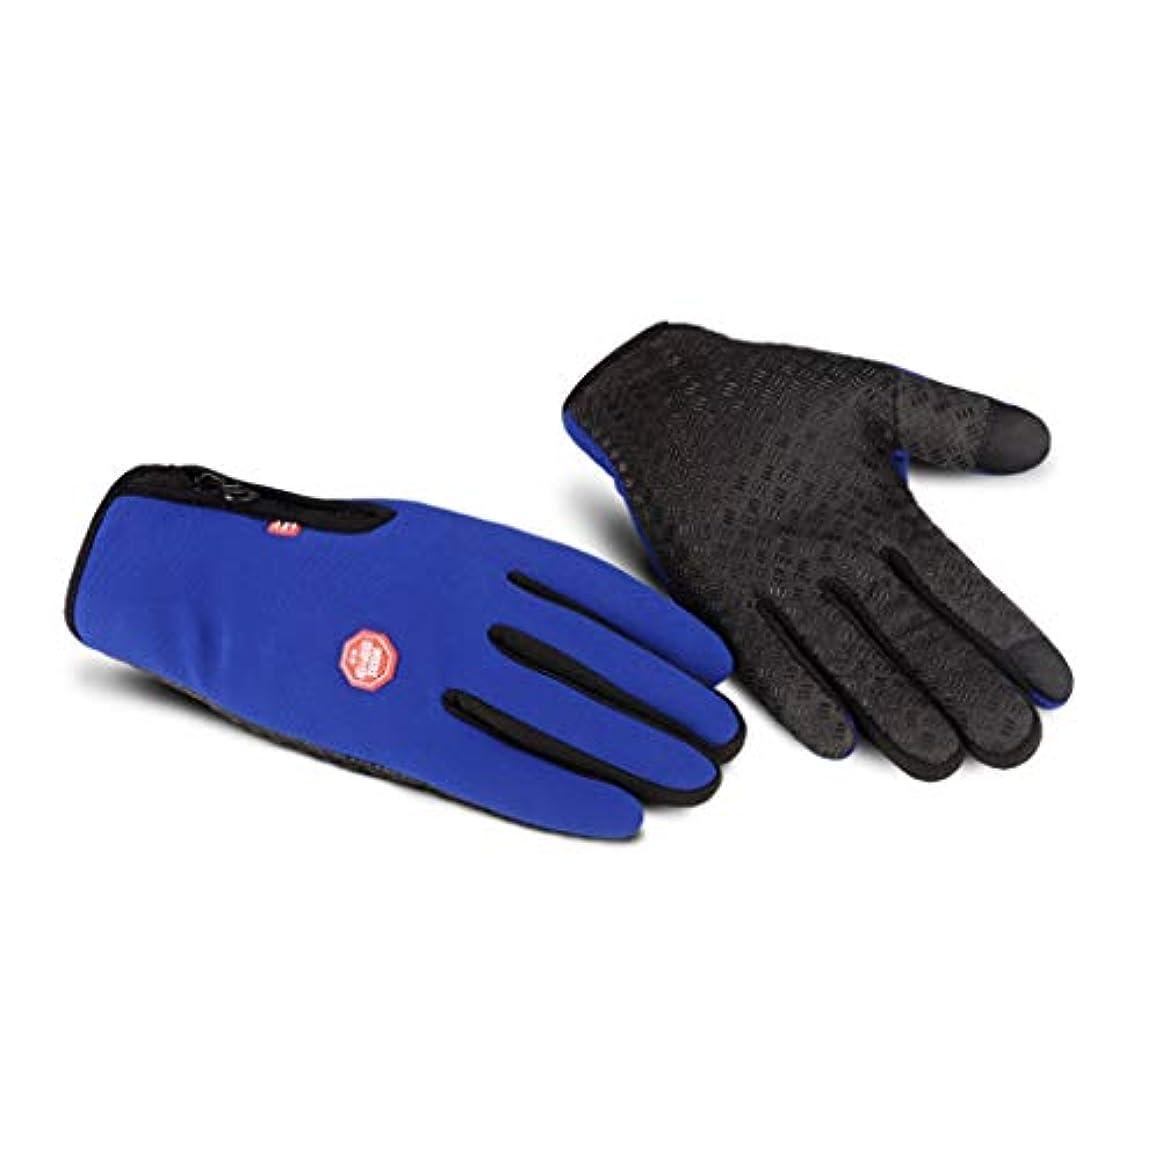 勤勉な備品熟読手袋の男性の秋と冬の自転車電動バイクの女性のタッチスクリーンはすべて防風ノンスリップ暖かい冬のコールドプラスベルベット弾性手袋を意味する (色 : 青)